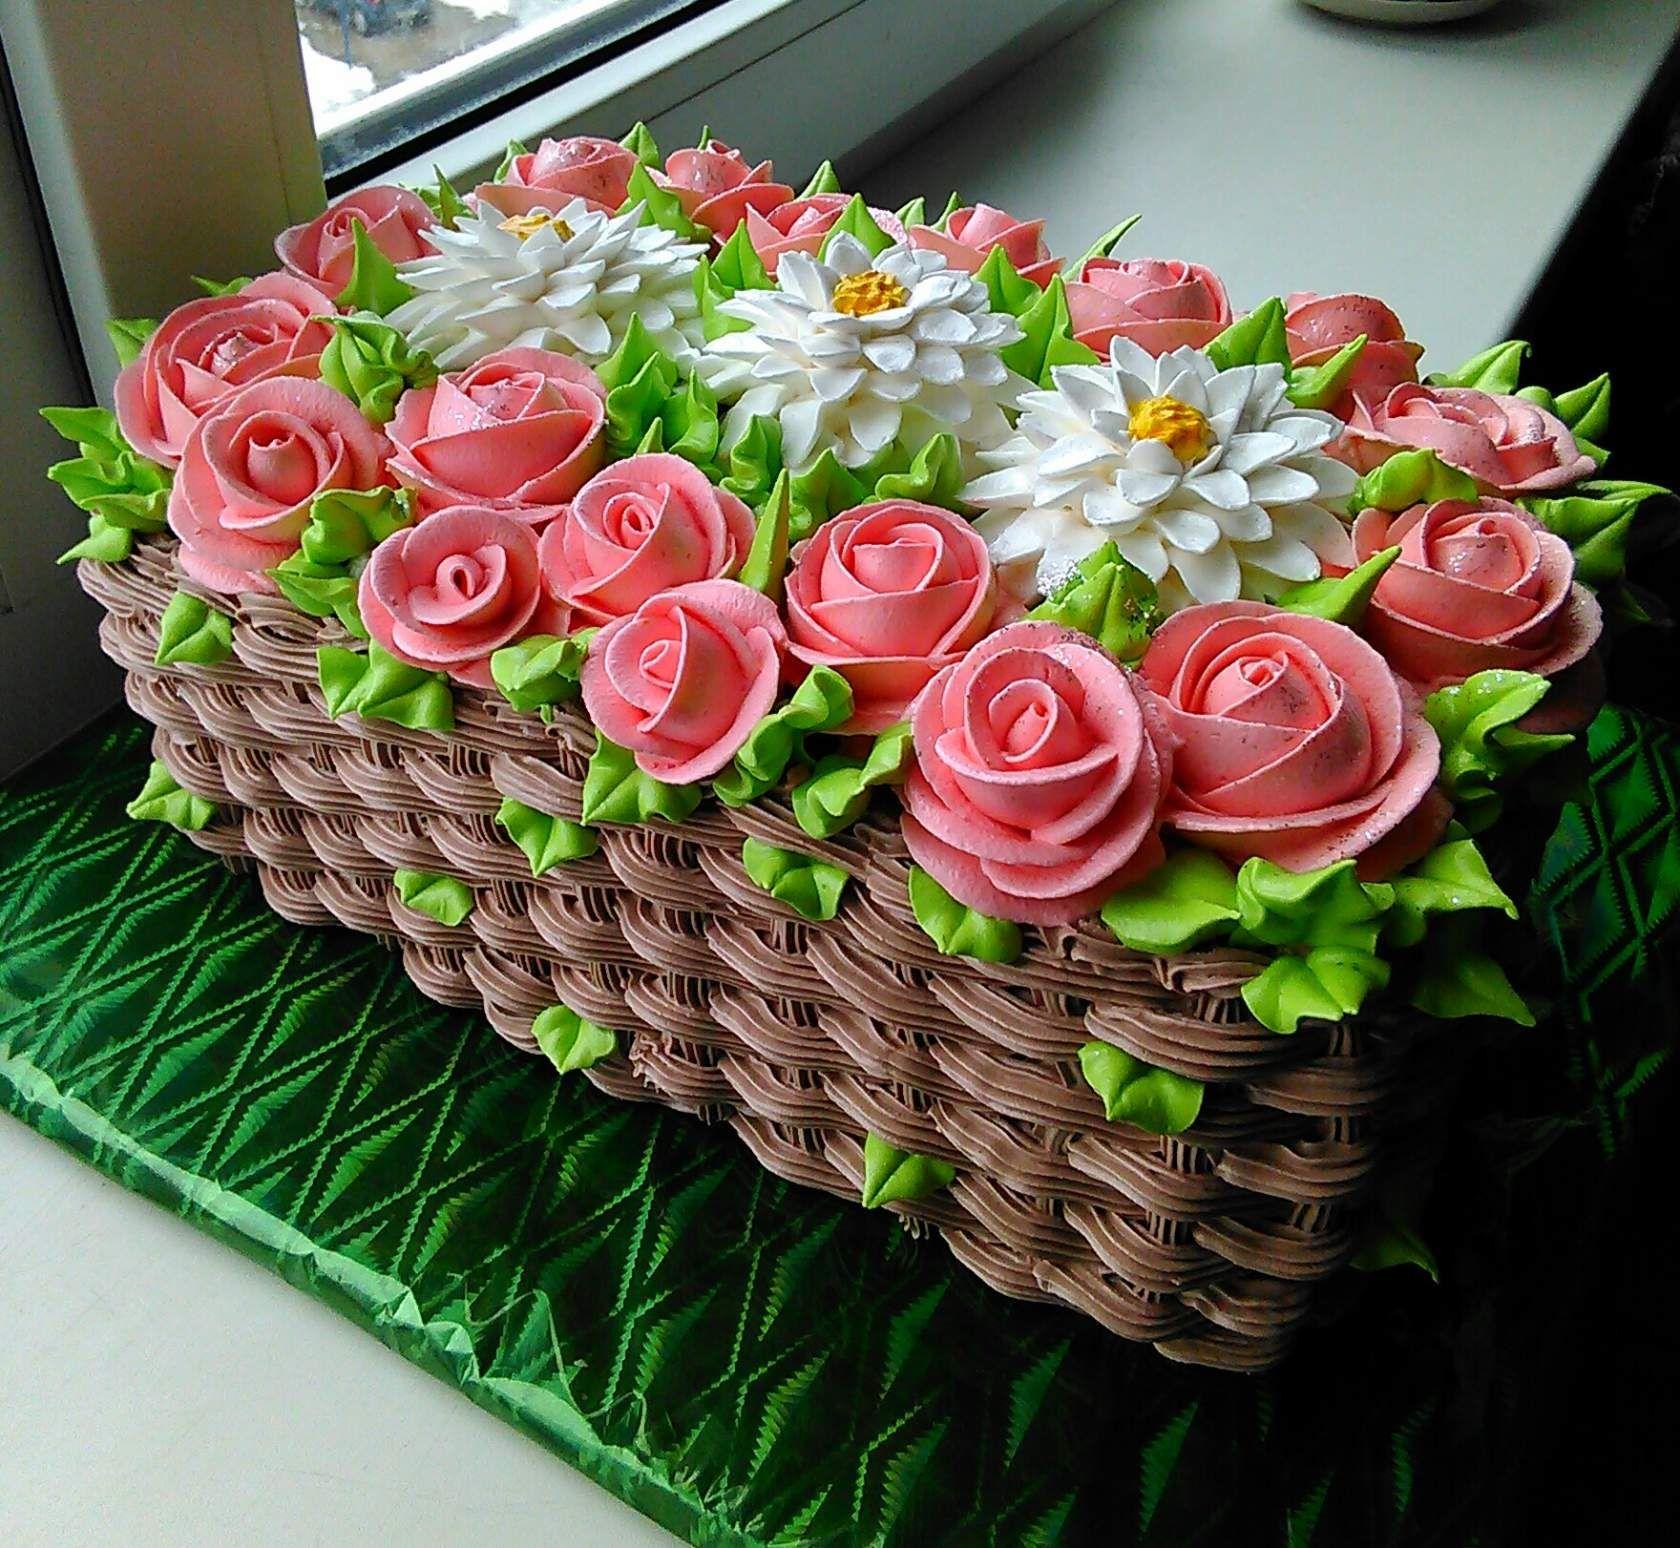 торт корзинка роз кремовый фото подвесных корзинках